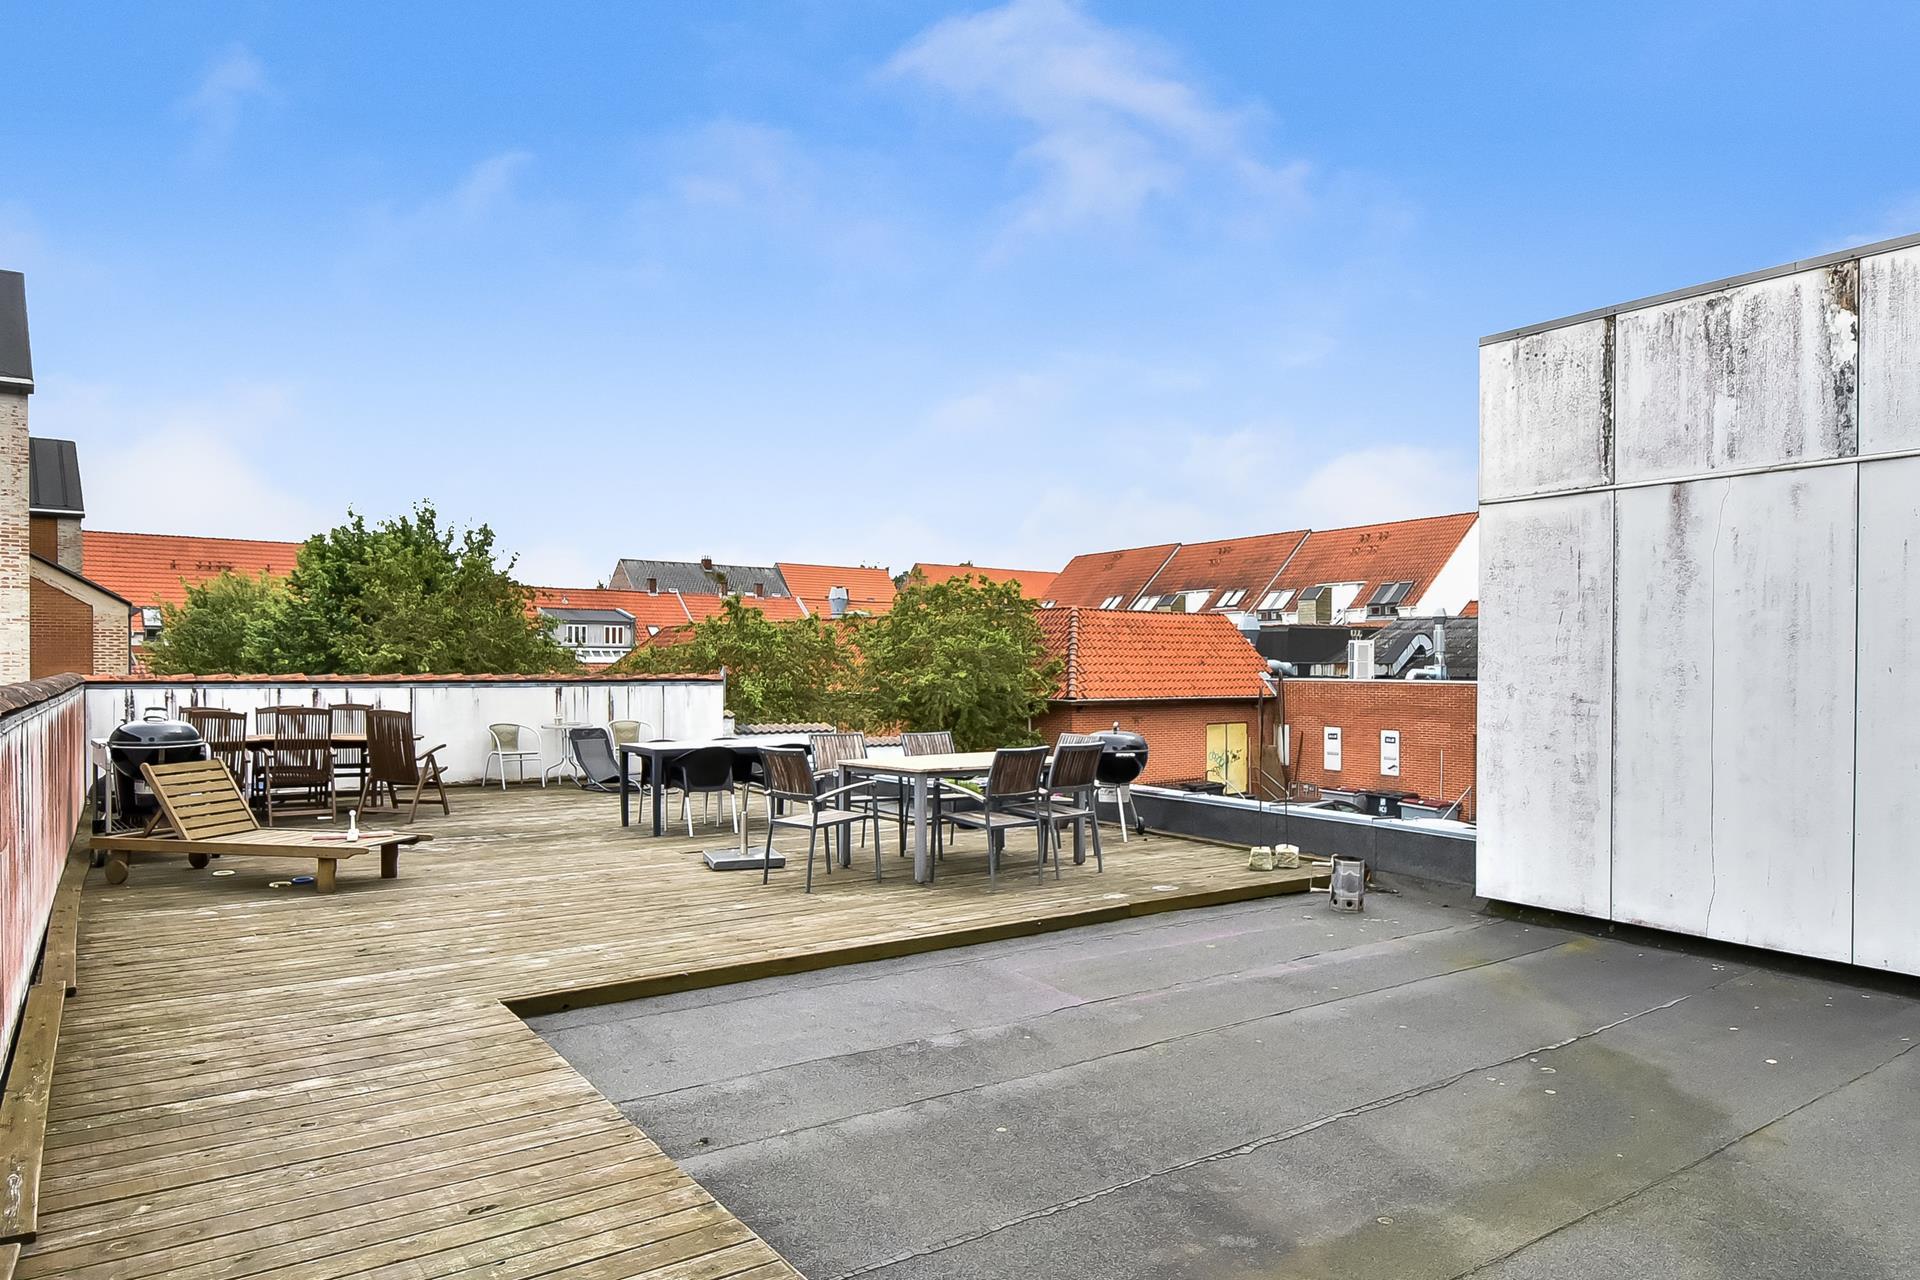 Bolig/erhverv på Bredgade i Herning - Tagterrasse